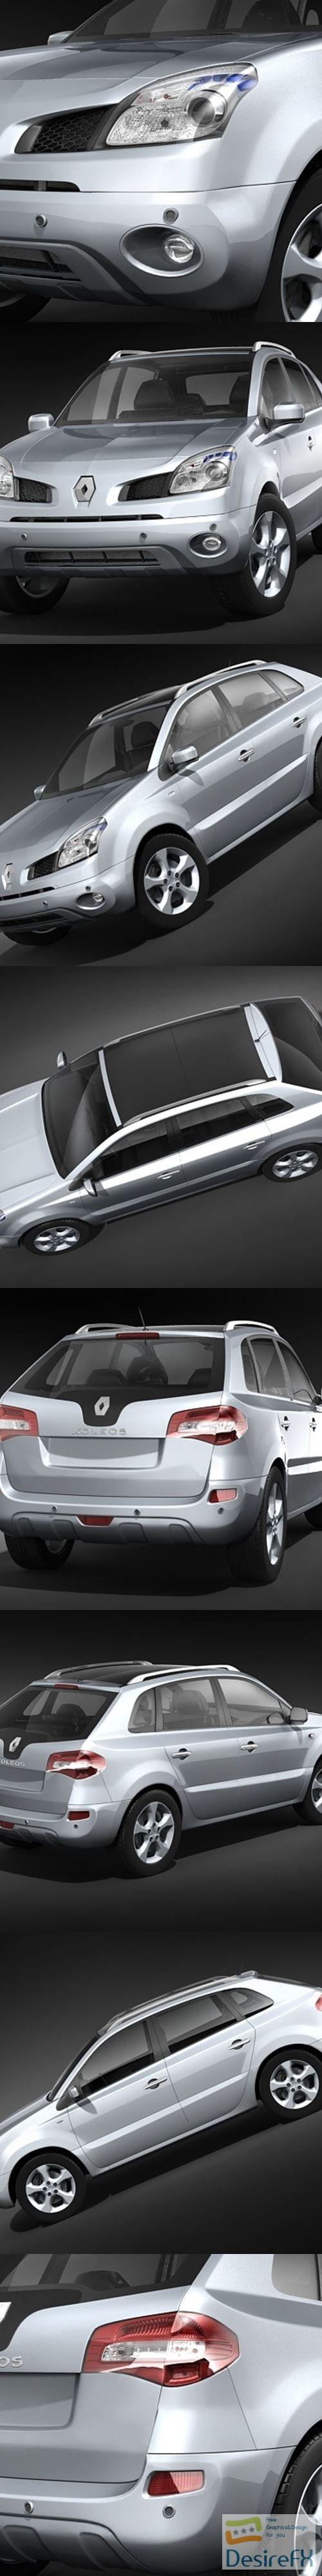 3d-models - Renault Koleos 2009 3D Model